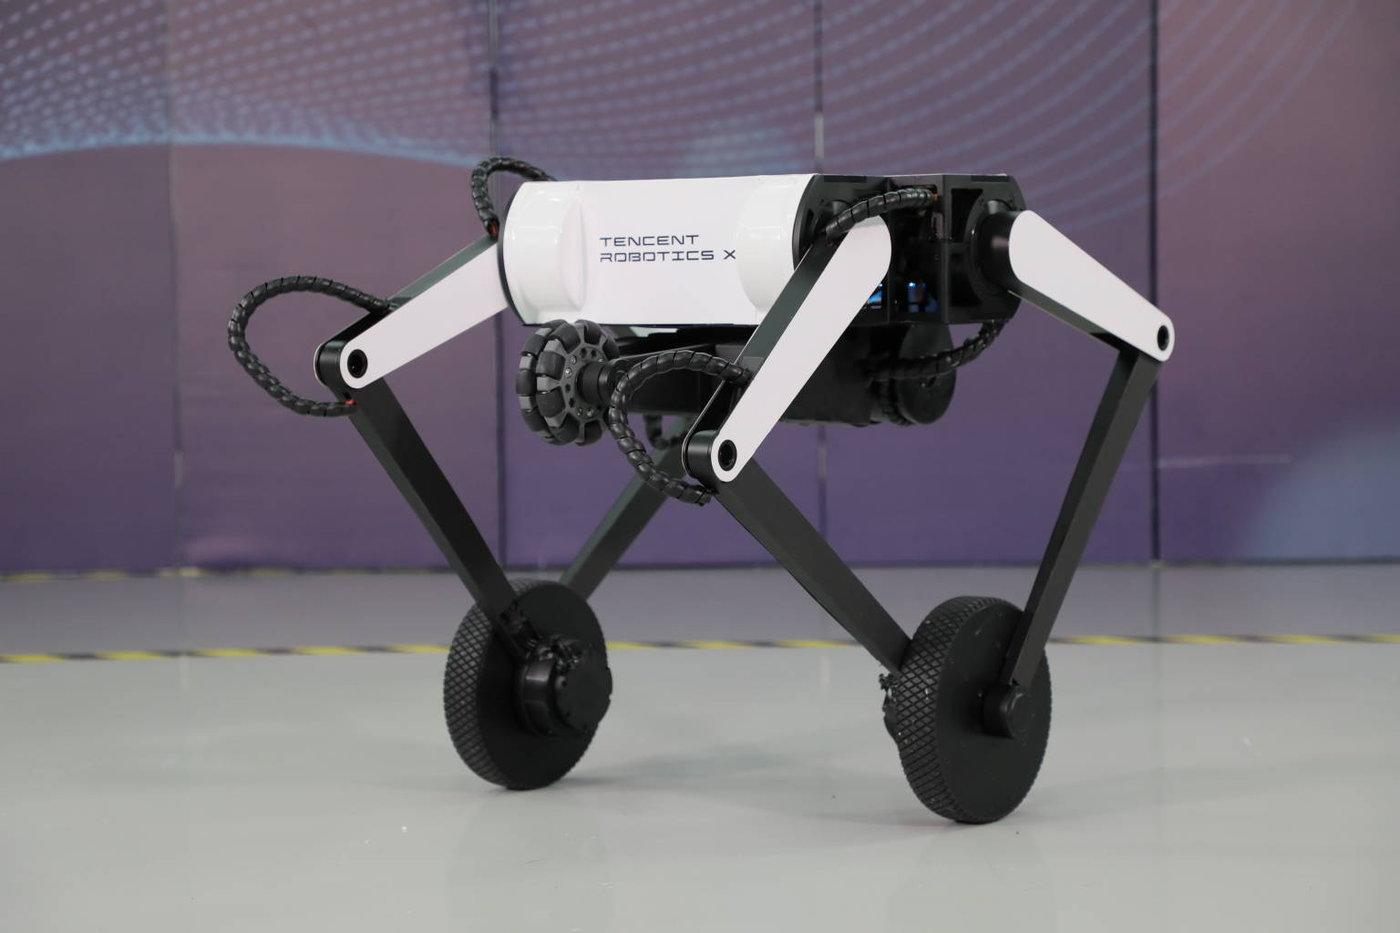 腾讯全新轮腿式机器人Ollie(图片来源:腾讯)